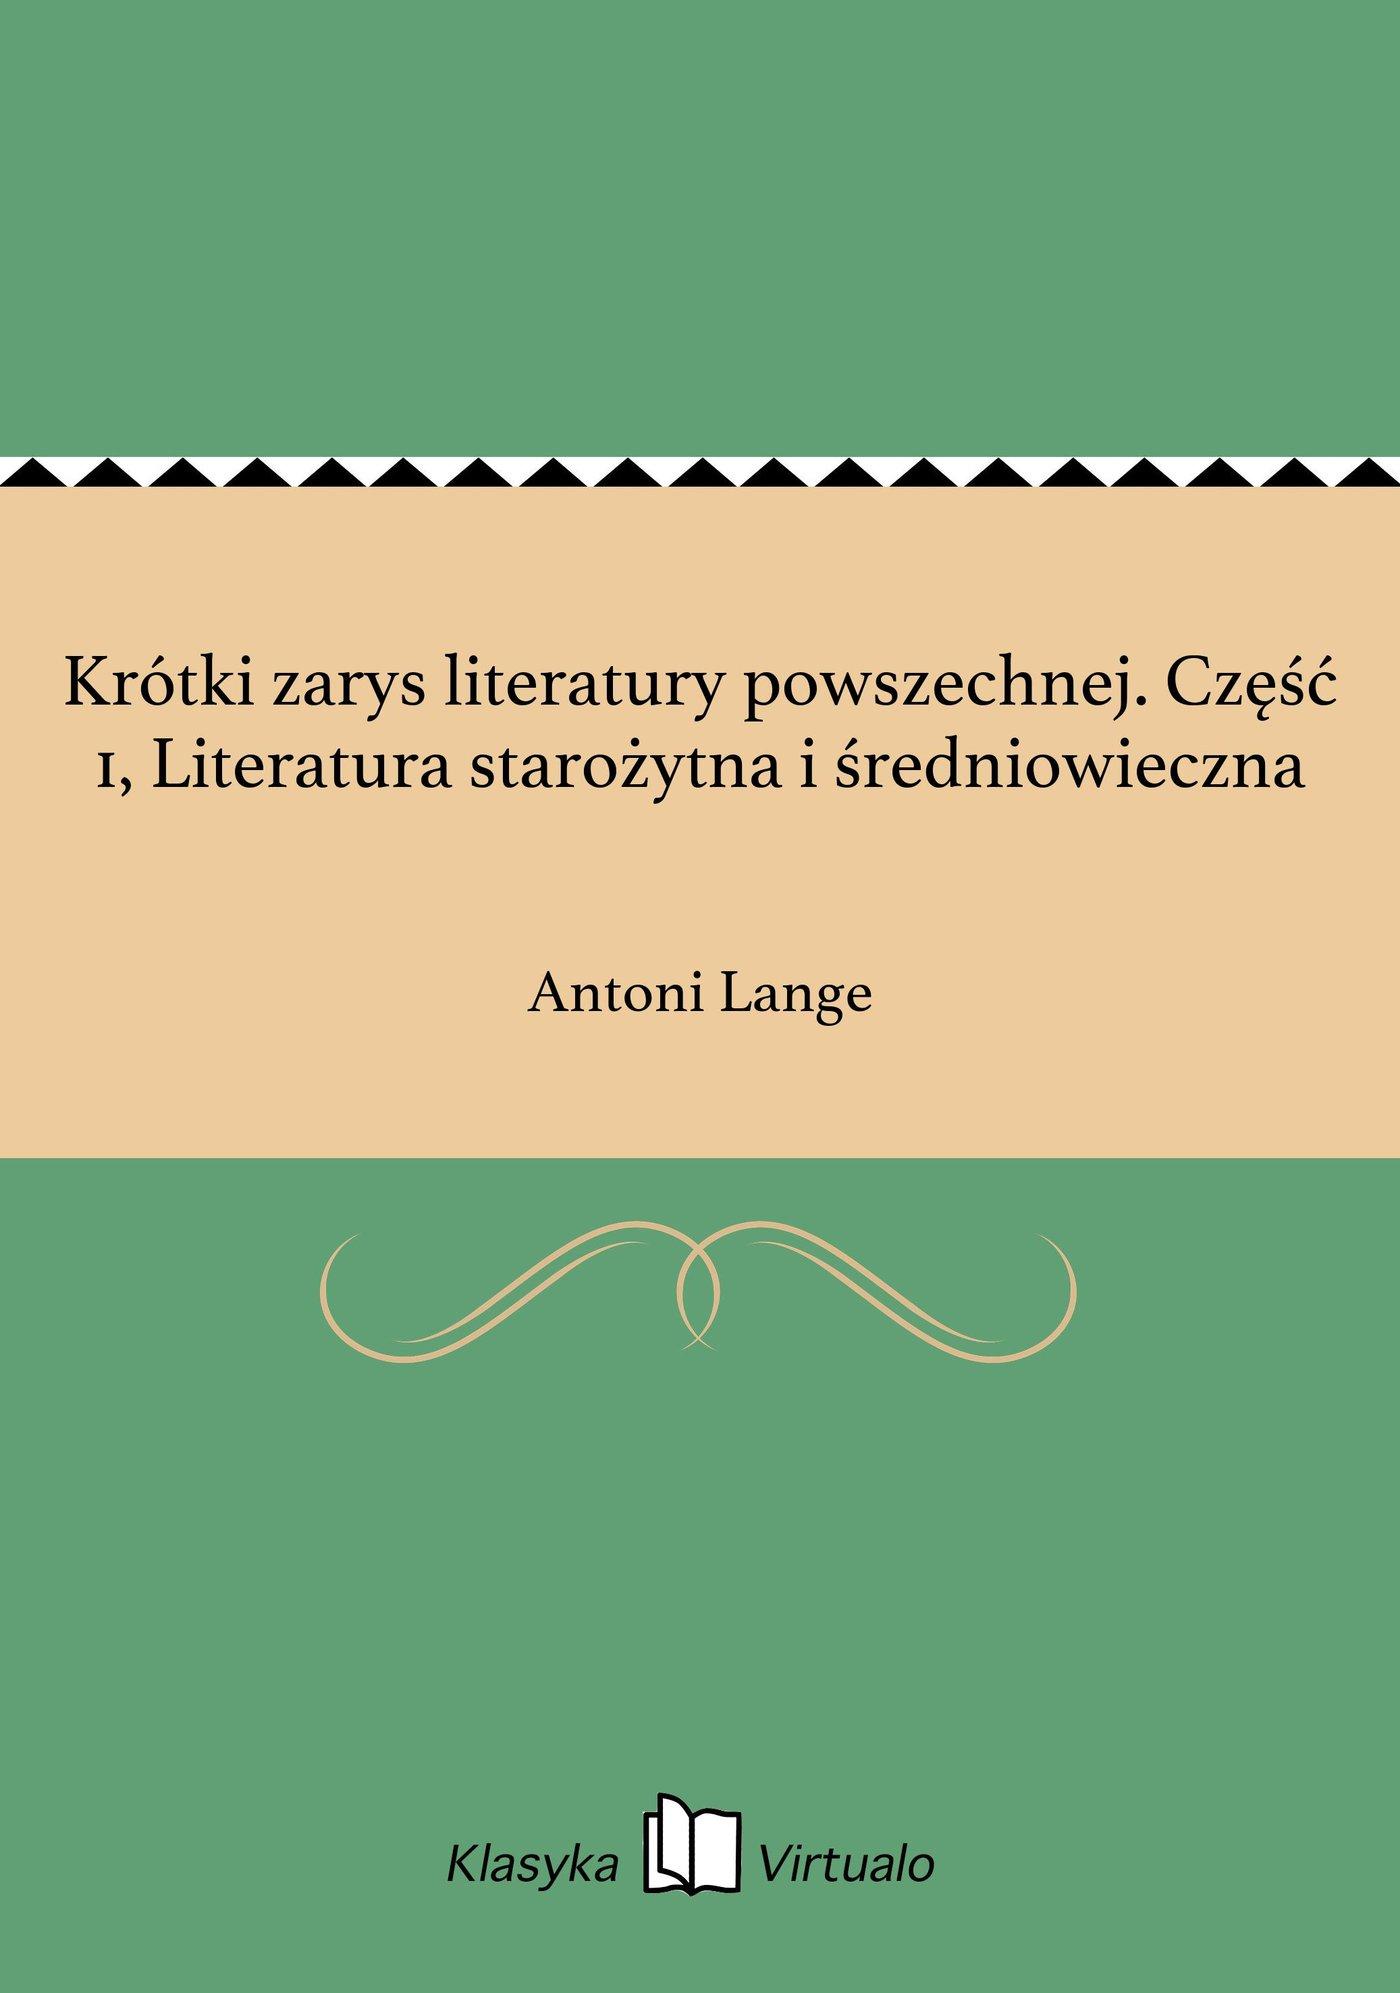 Krótki zarys literatury powszechnej. Część 1, Literatura starożytna i średniowieczna - Ebook (Książka na Kindle) do pobrania w formacie MOBI